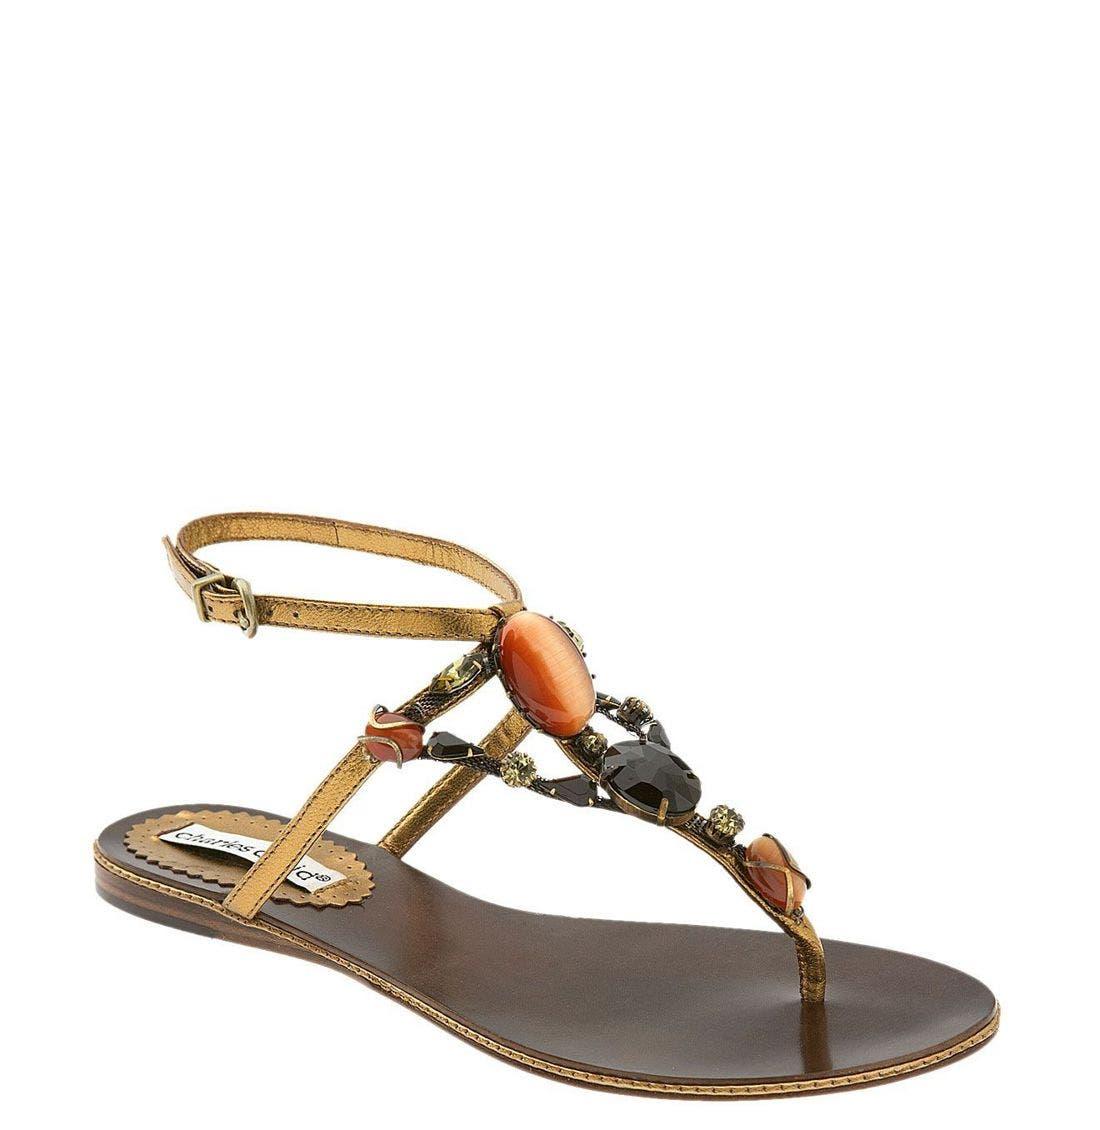 Alternate Image 1 Selected - Charles David 'Starlite' Thong Sandal